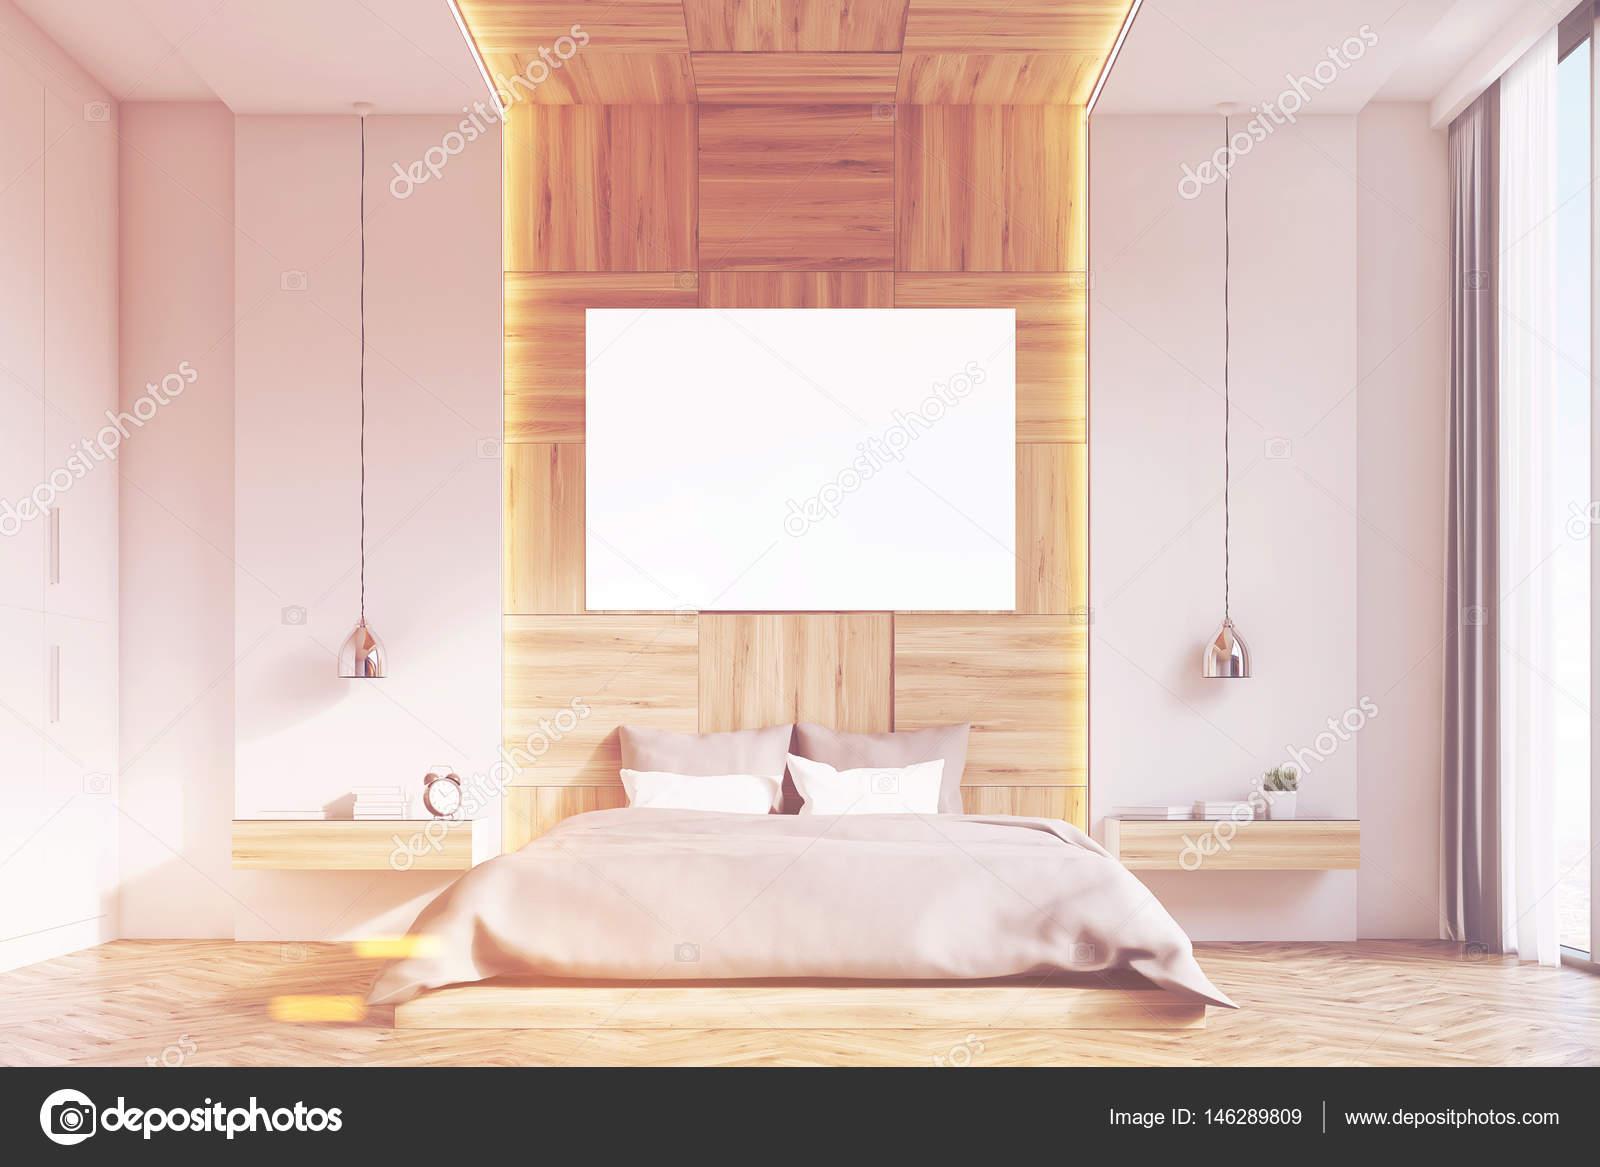 Slaapkamer Met Hout : Slaapkamer met foto licht hout voorste toned u2014 stockfoto